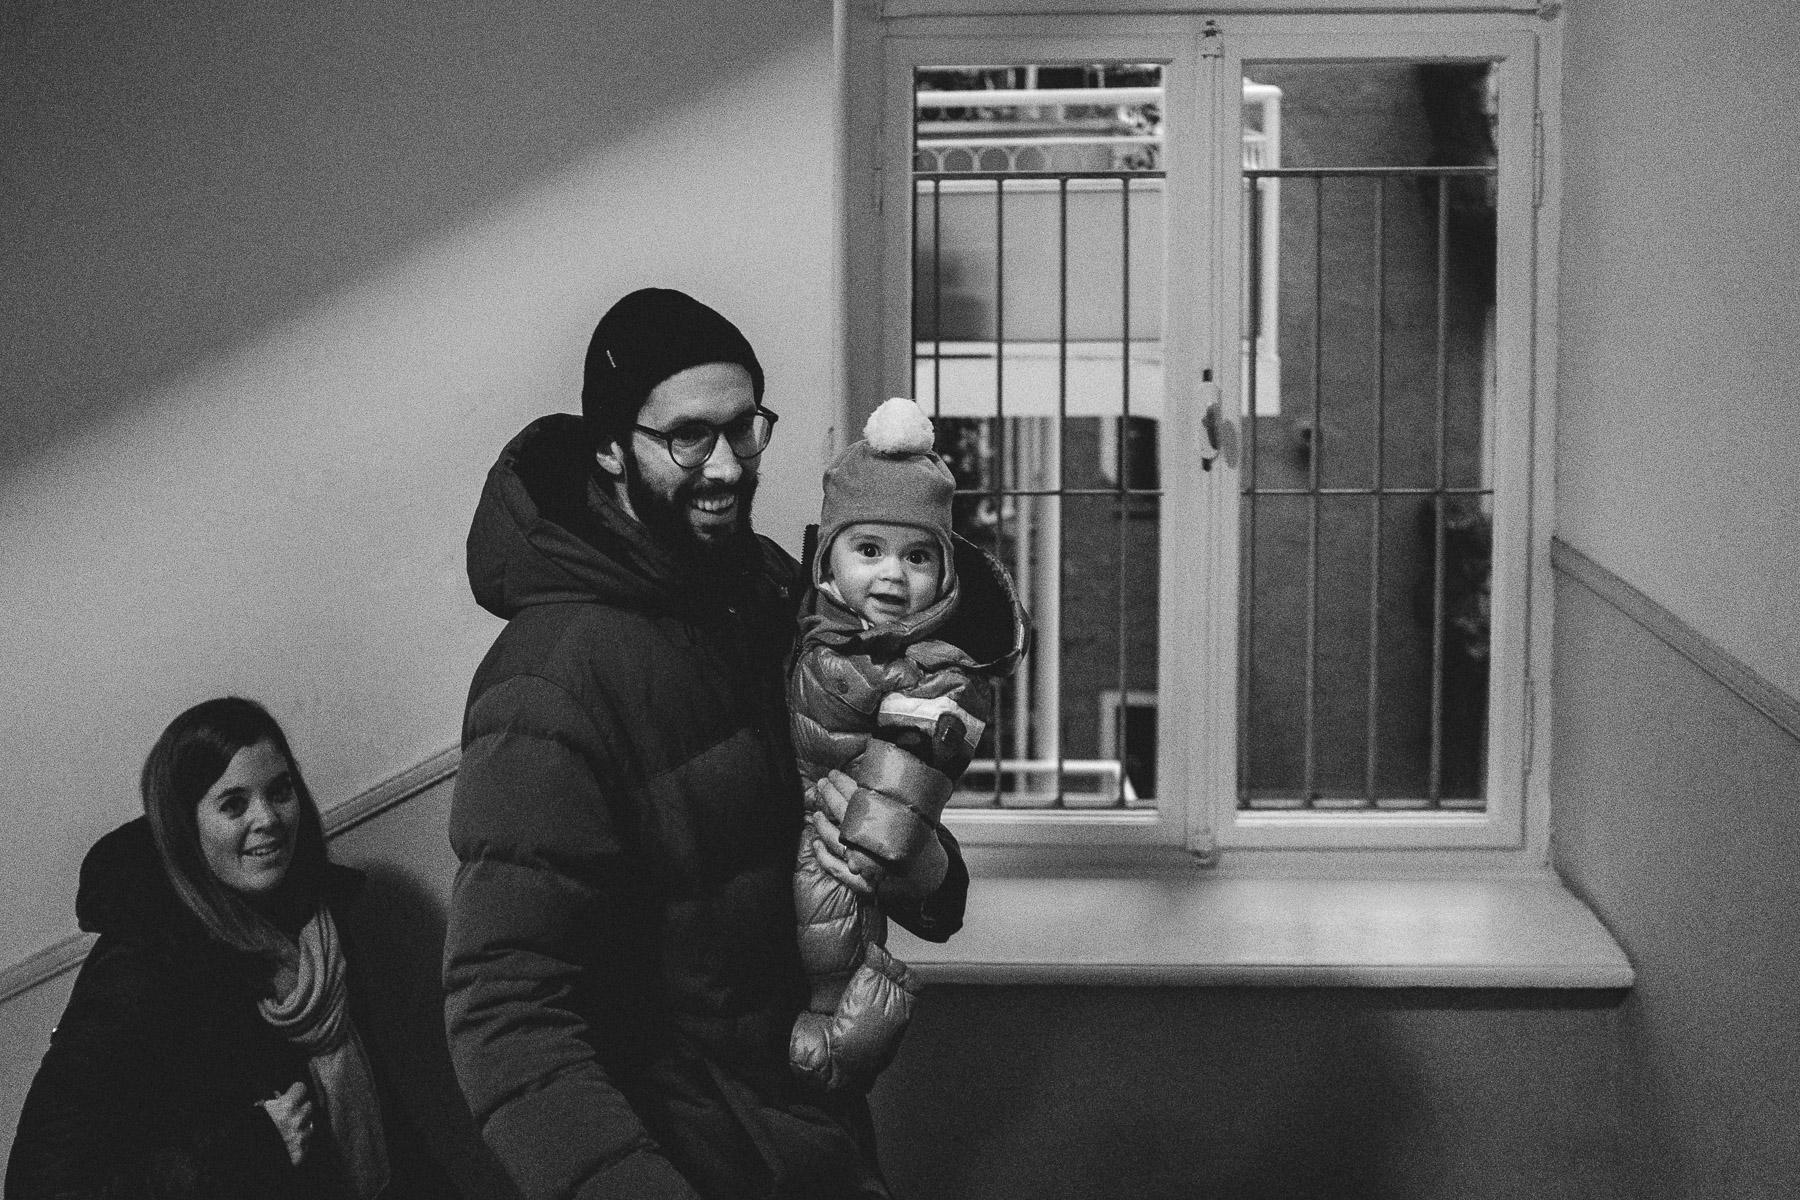 Martin_Liebl_Kein_Familienfotograf_G_Blog_27.jpg